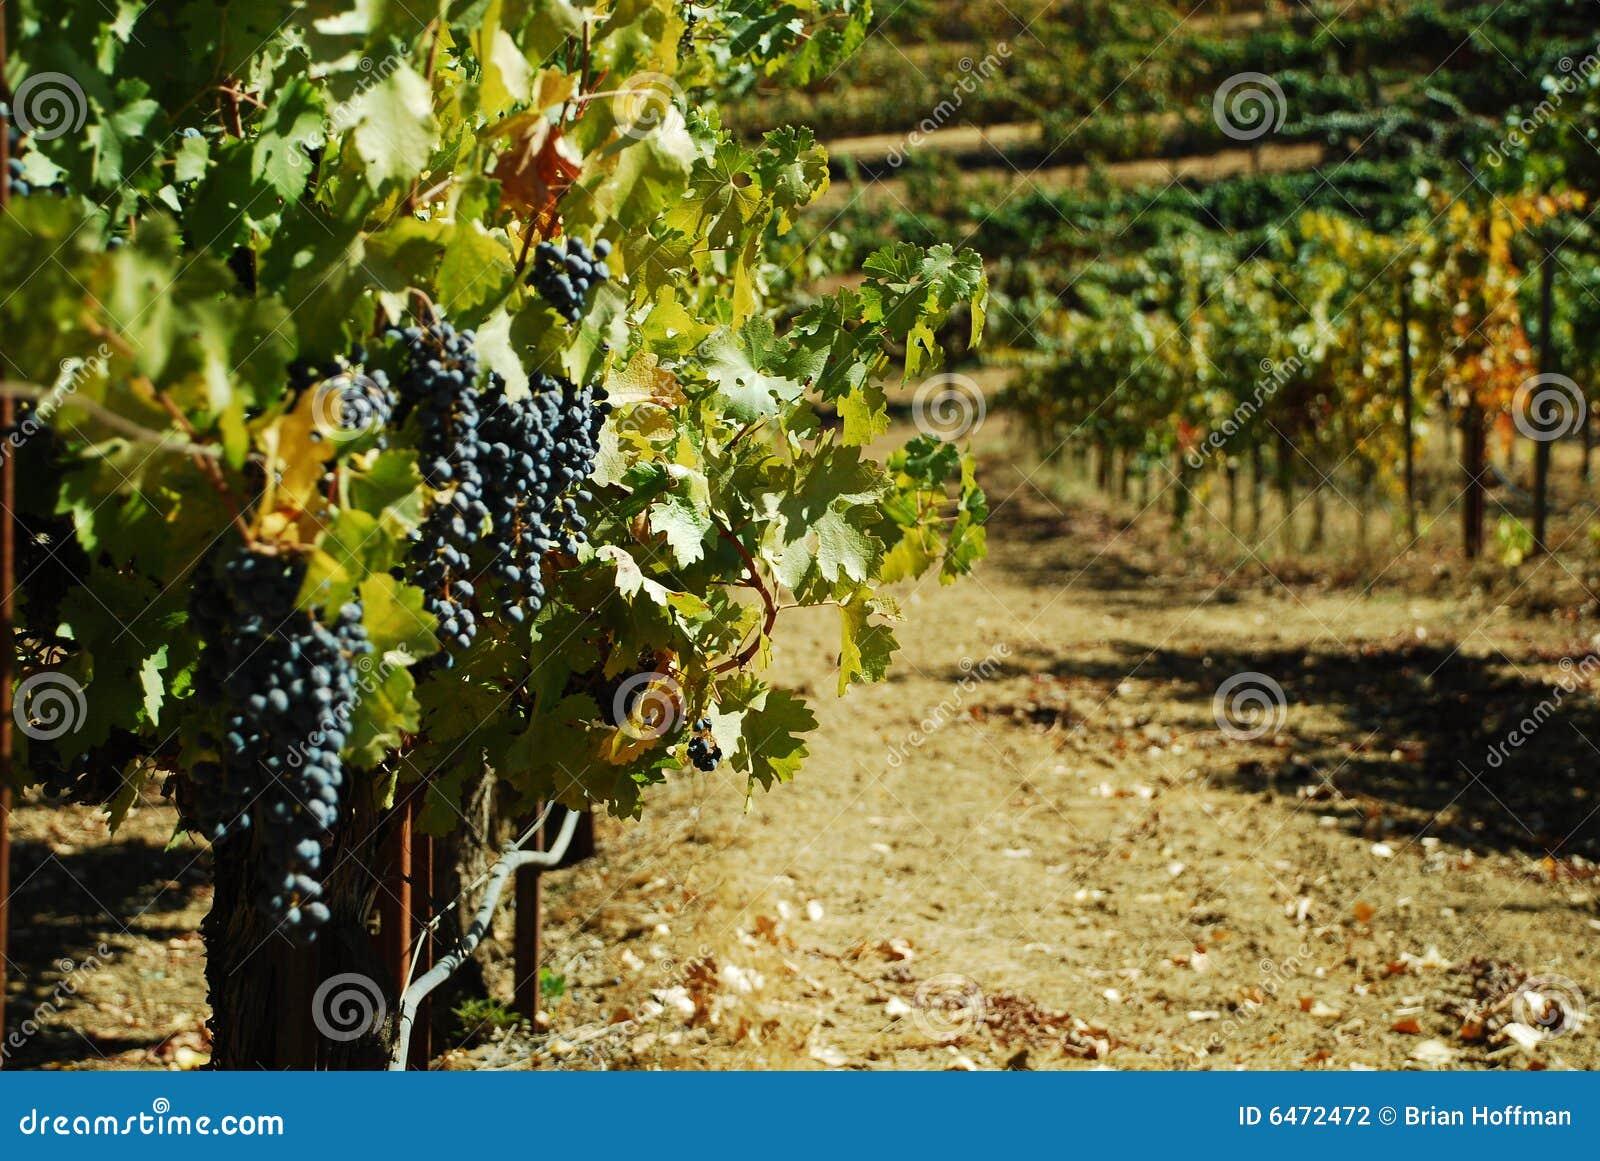 Winogrona winorośli